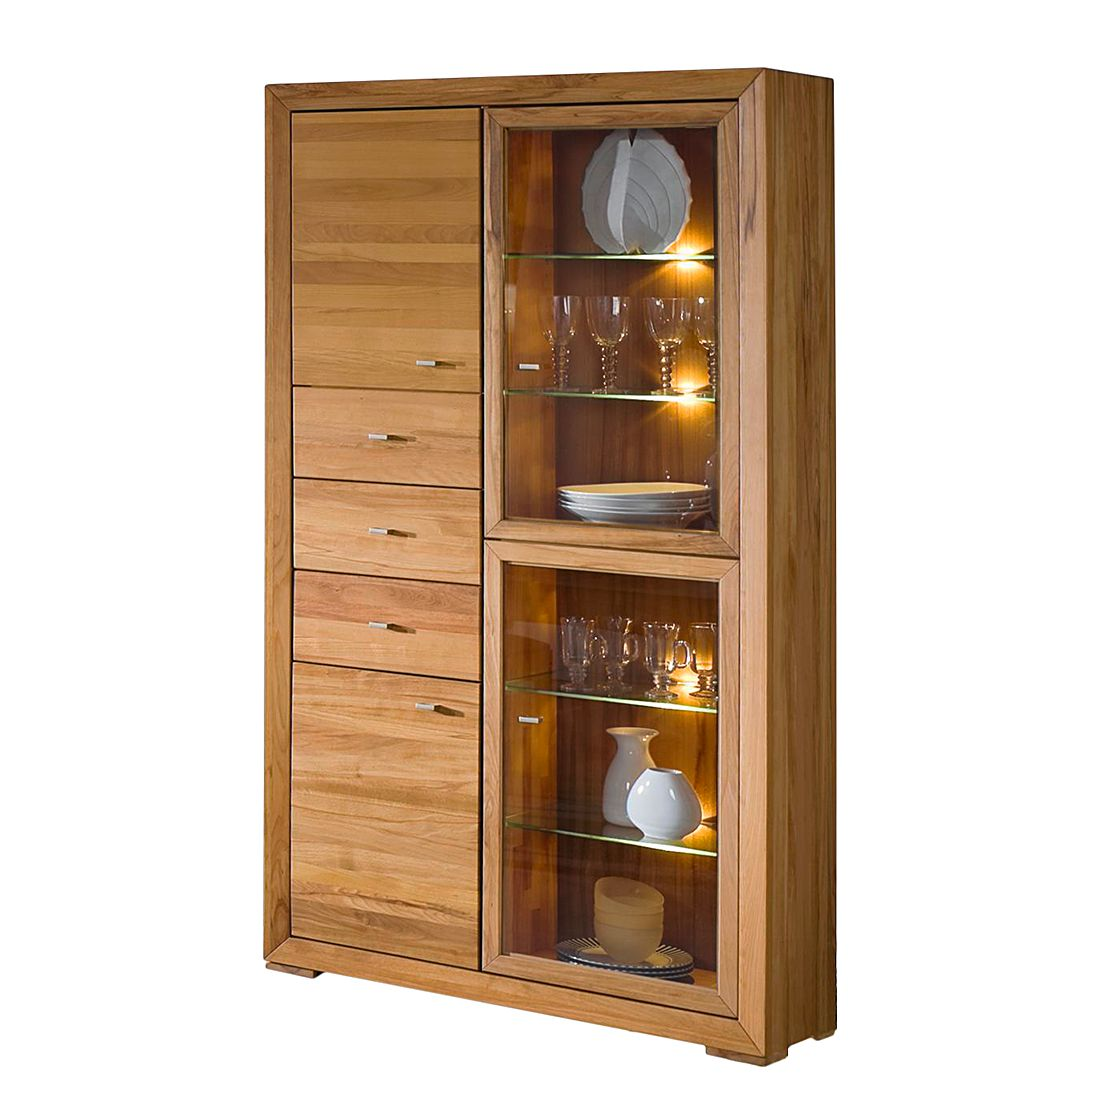 eek a vitrine brandon wildeiche massiv mit beleuchtung jung s hne g nstig kaufen. Black Bedroom Furniture Sets. Home Design Ideas